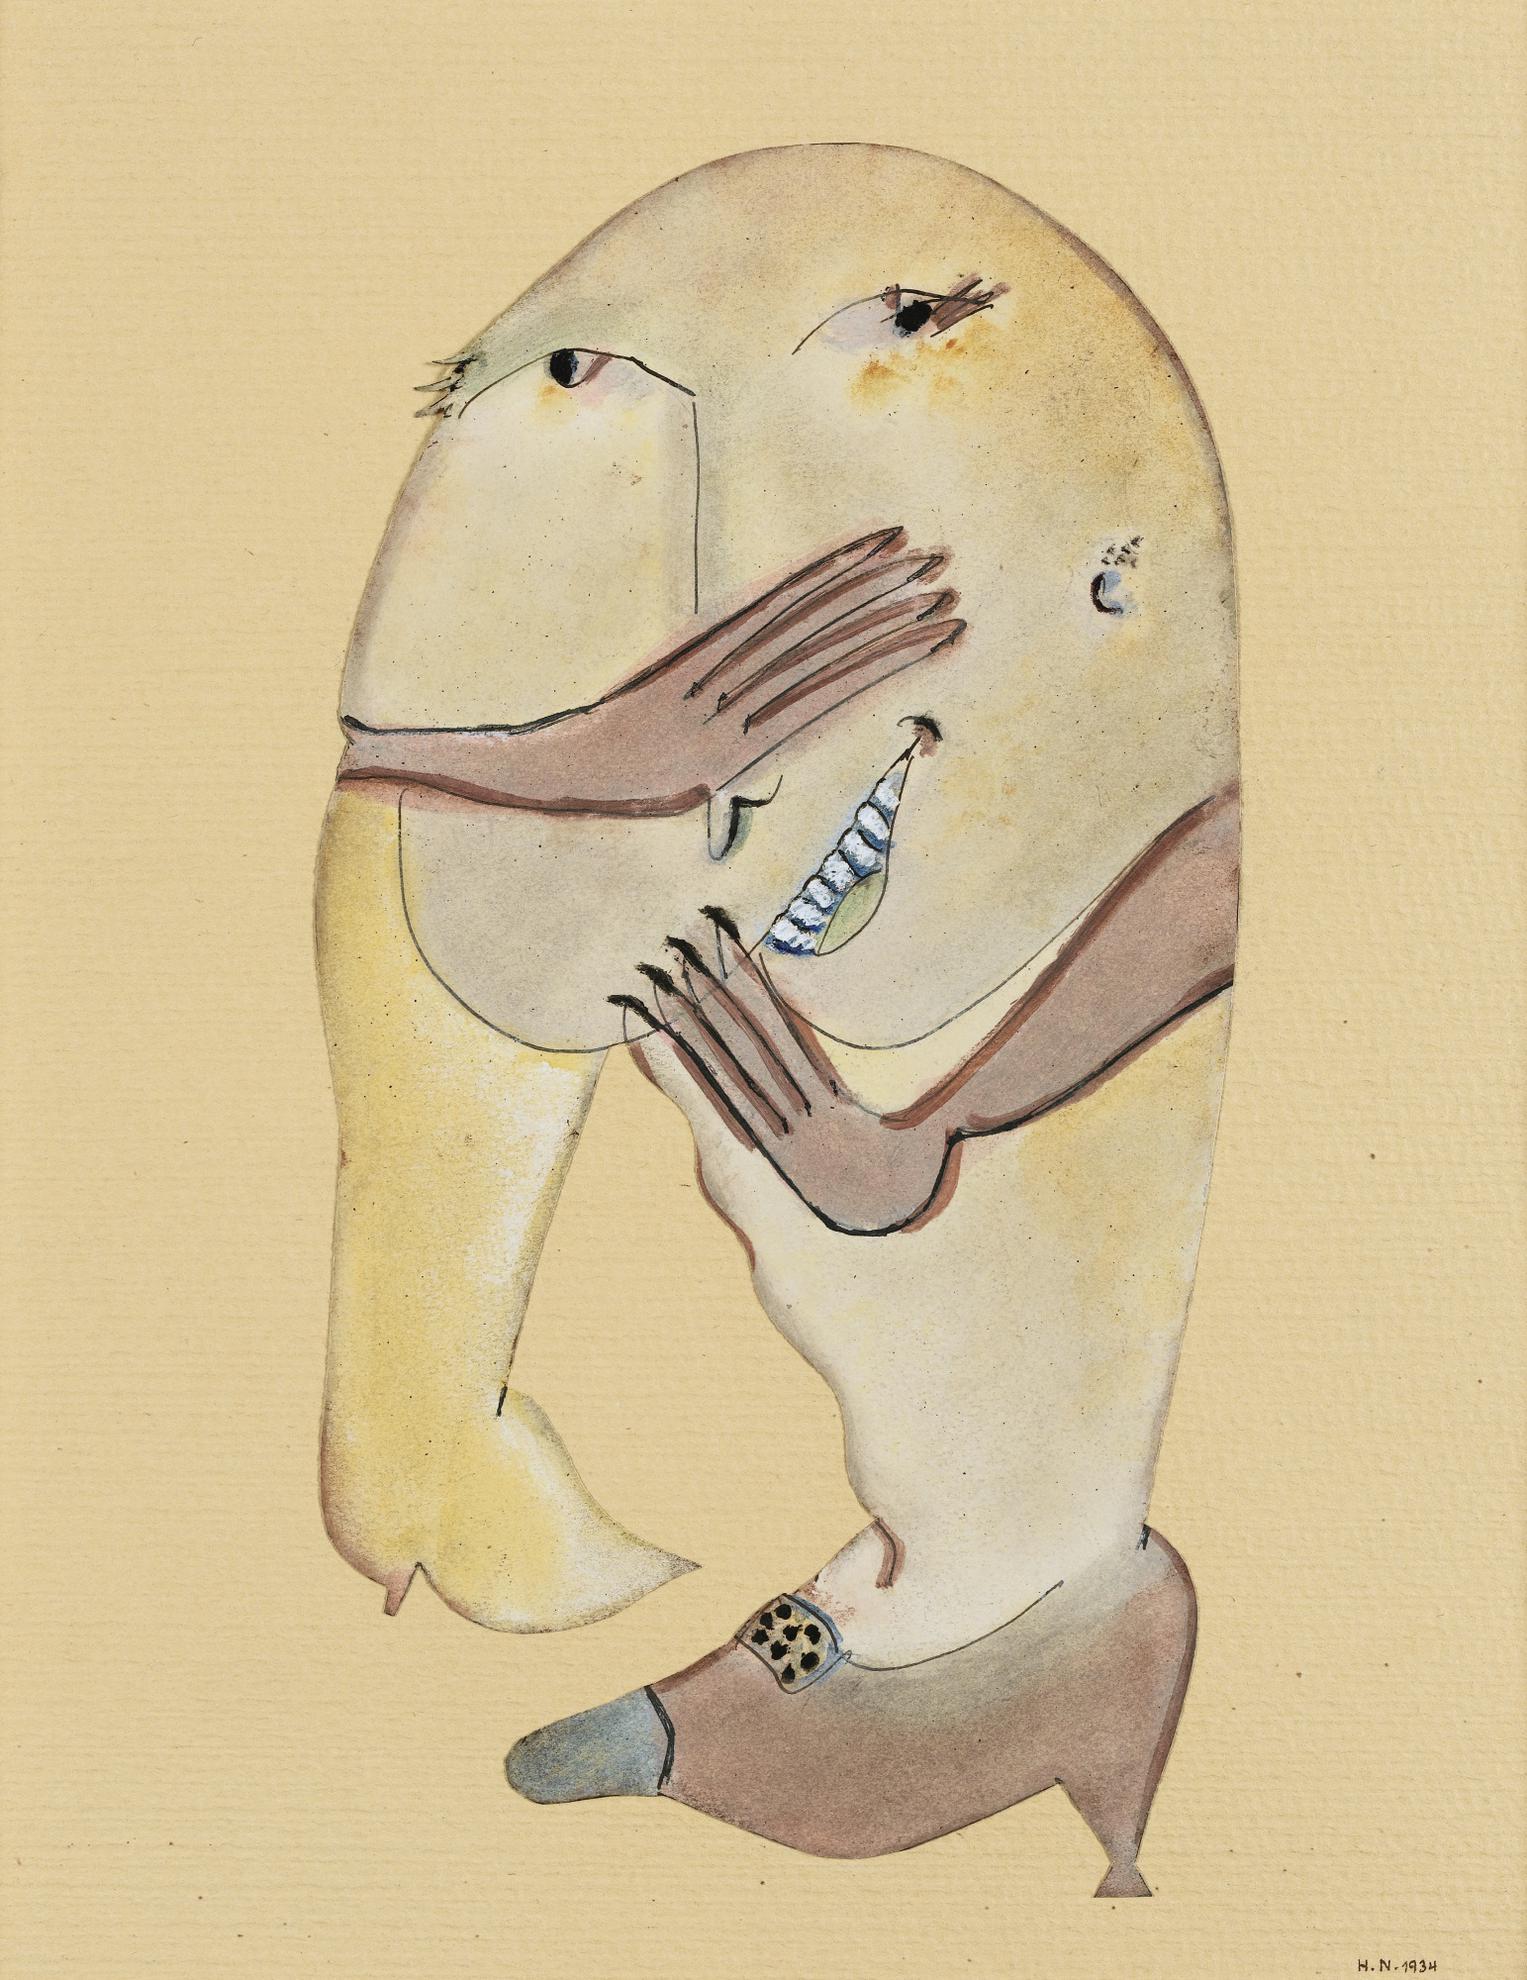 Henri Nouveau - Einfald Vom Lande-1934